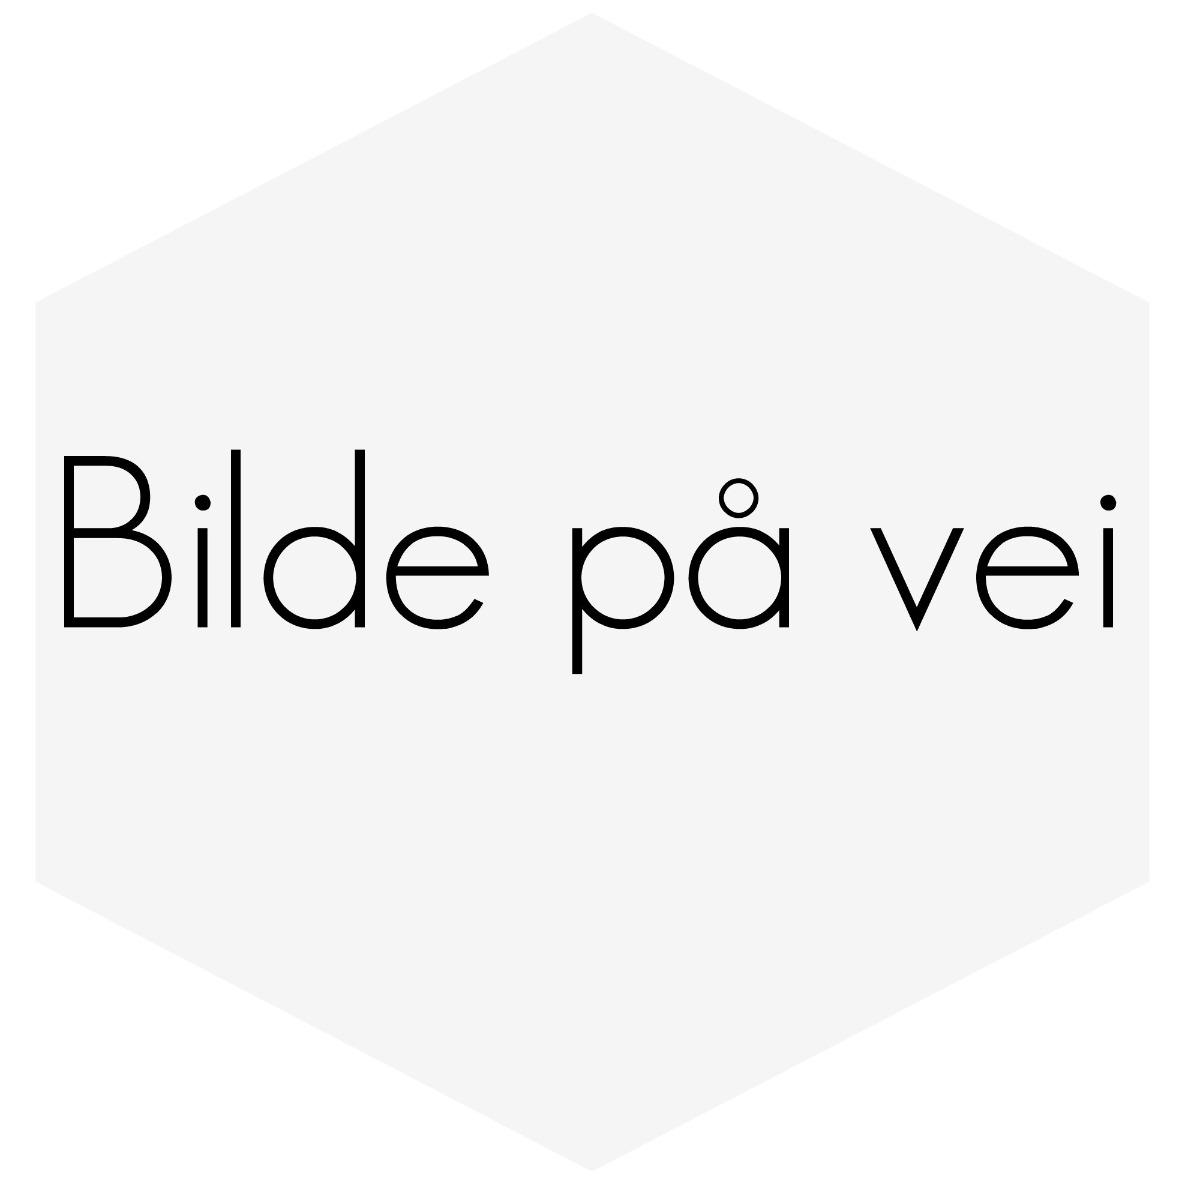 INSTRUMENT PROSPORT-S 52MM LAMBDA MÅLER MED LYDVARSLING